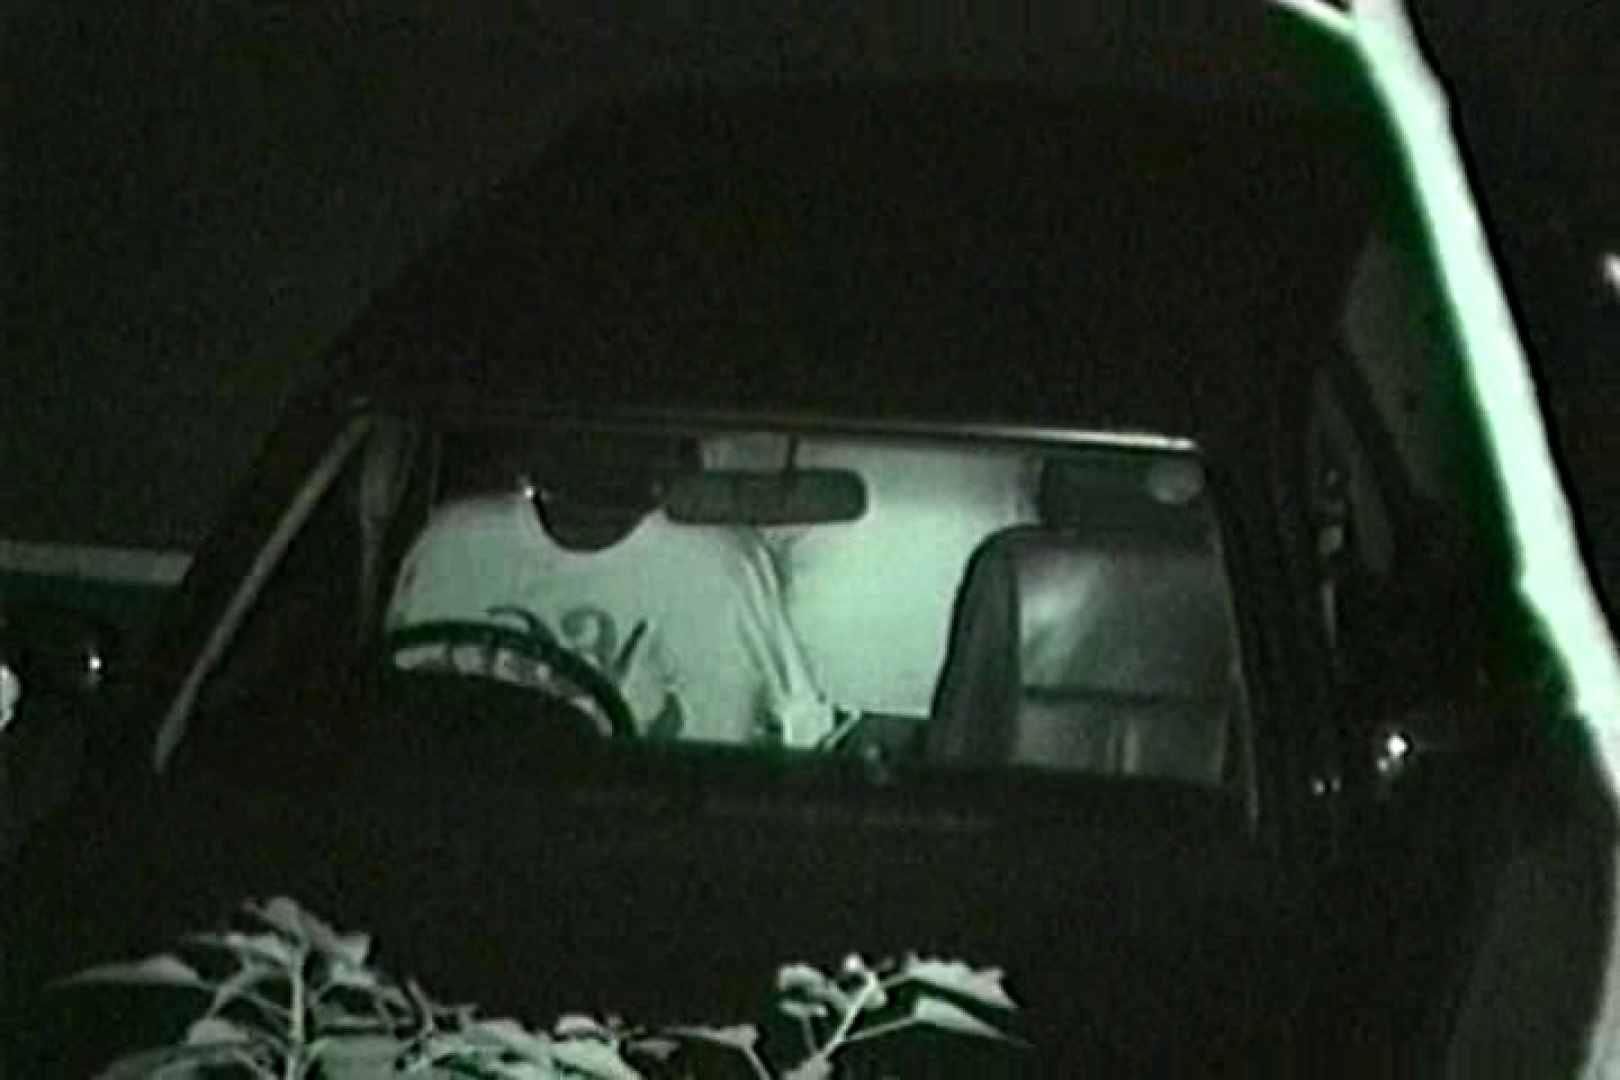 車の中はラブホテル 無修正版  Vol.8 美女OL おめこ無修正画像 68連発 58